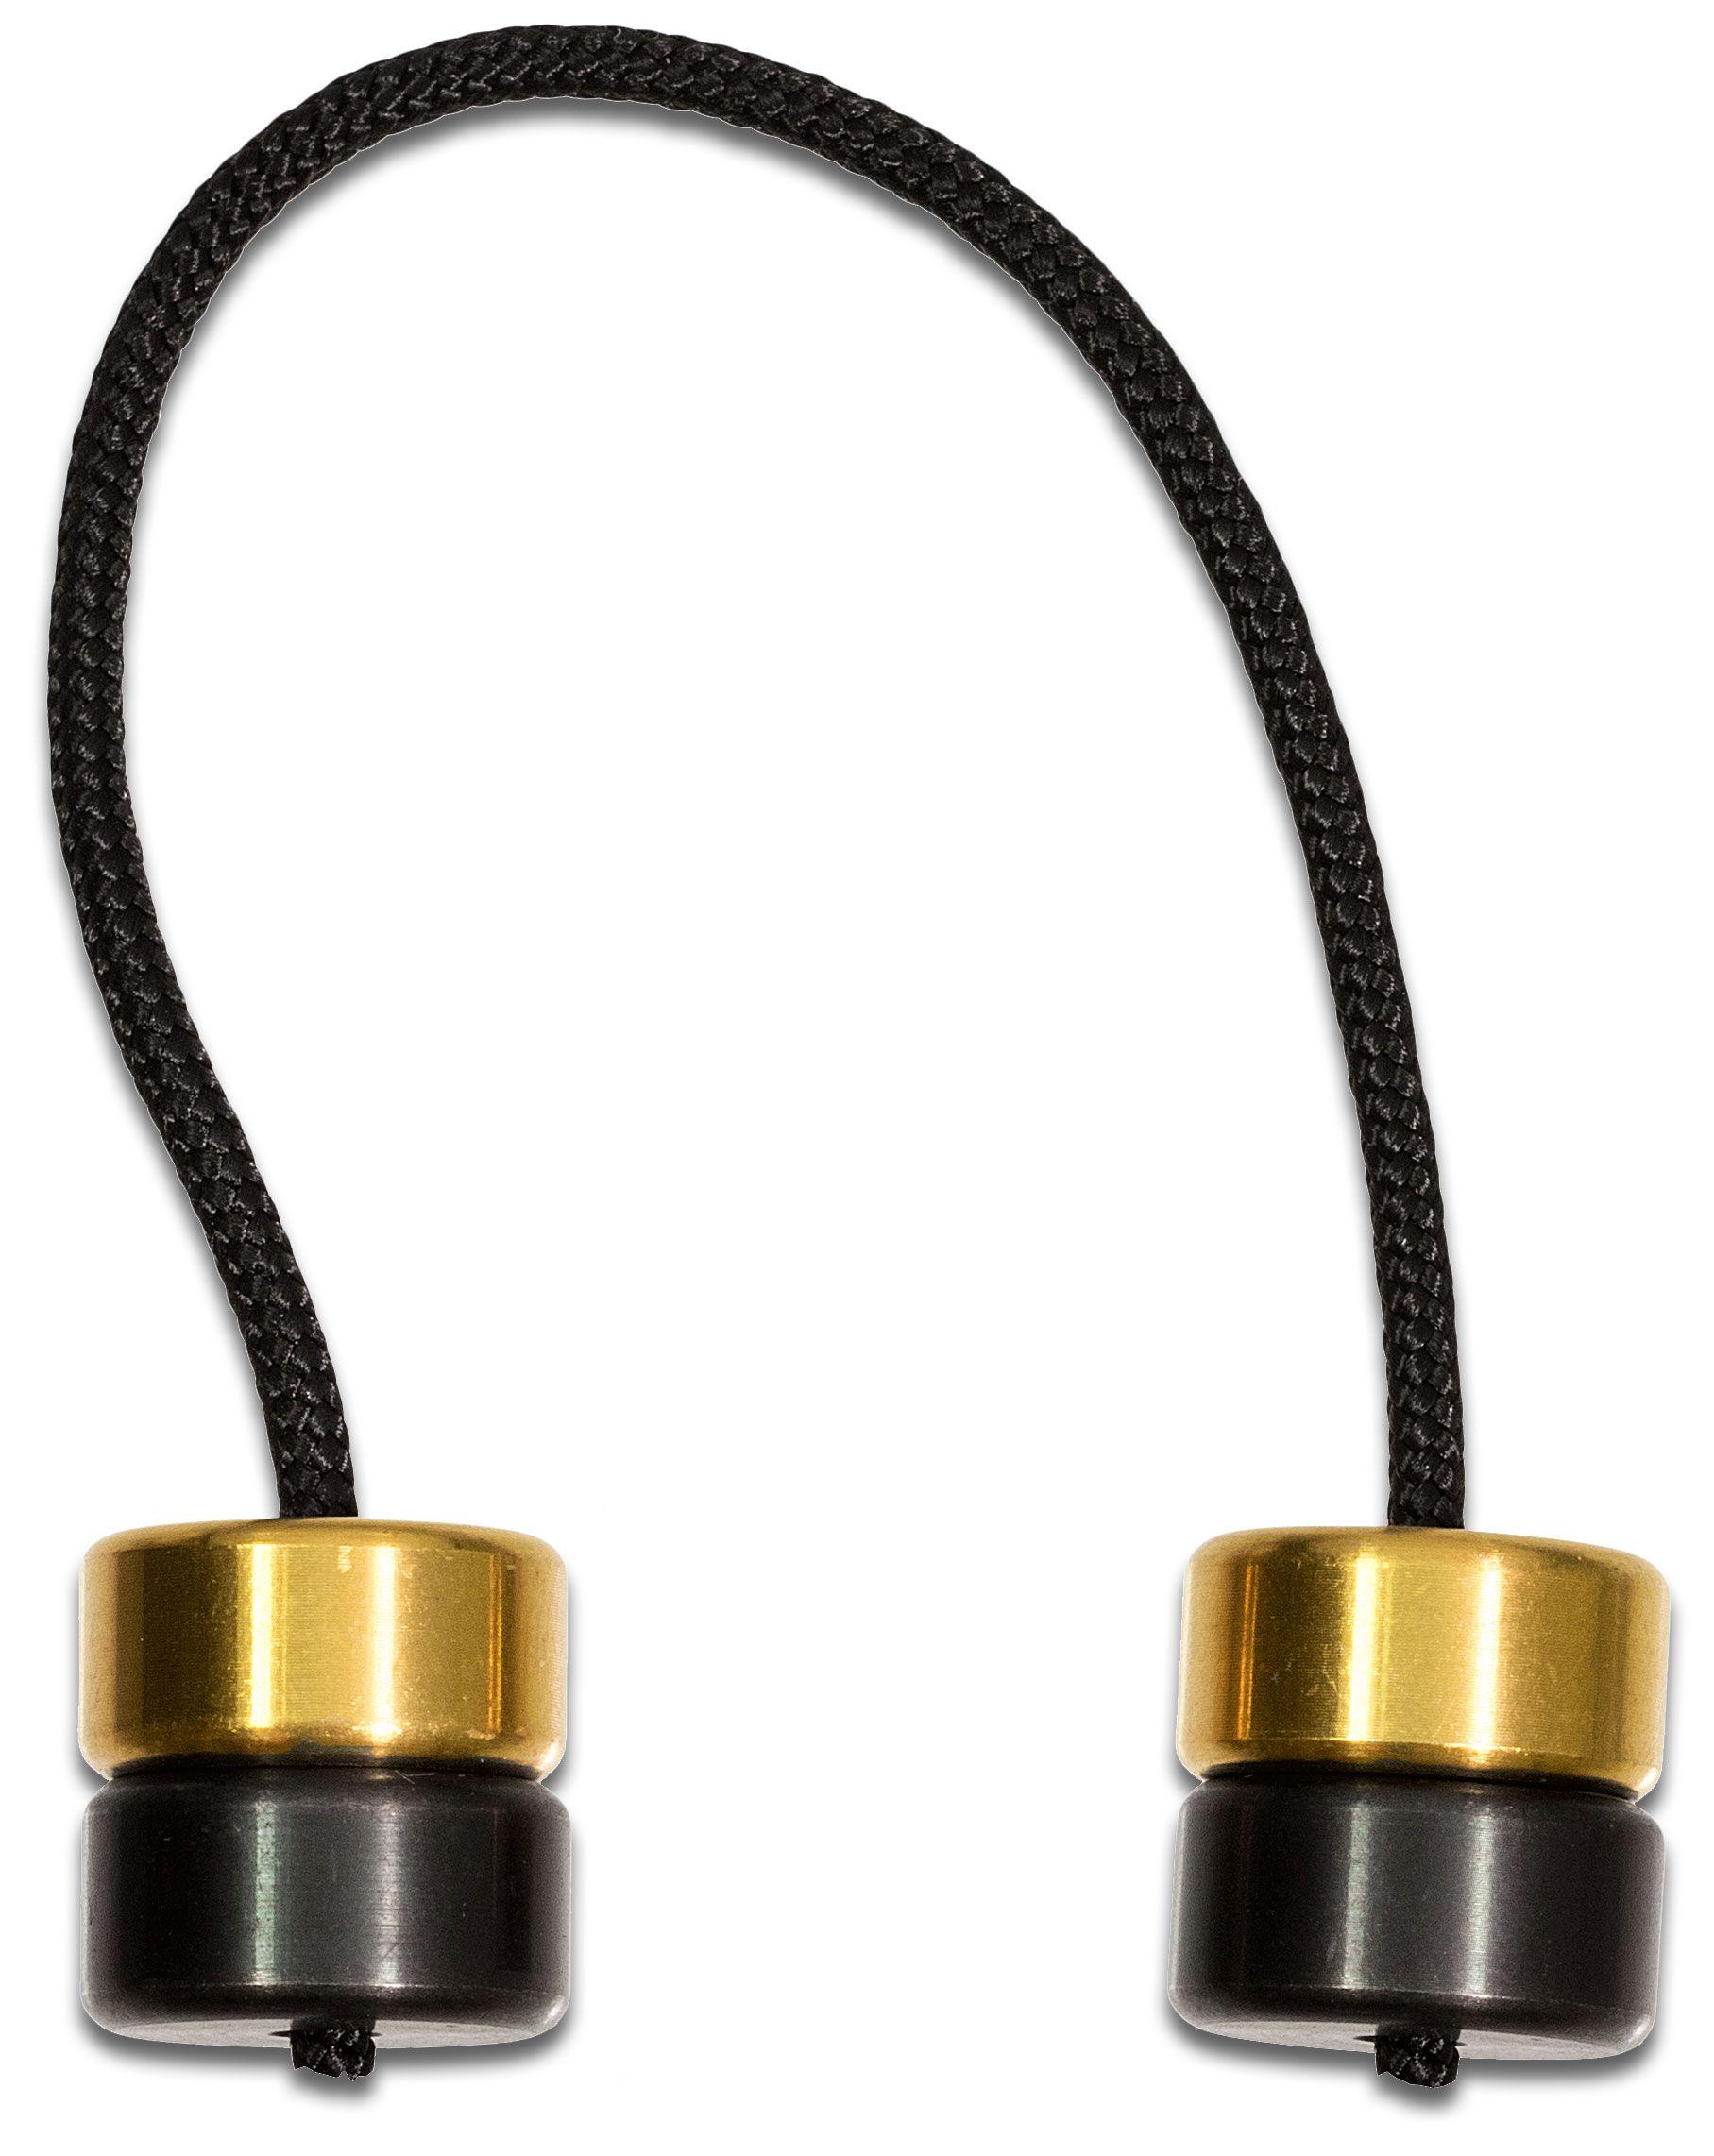 Aroundsquare AO2 Crude Country Hydra Titanium Begleri, Business Class Gold and Black Shinobi PVD Mix